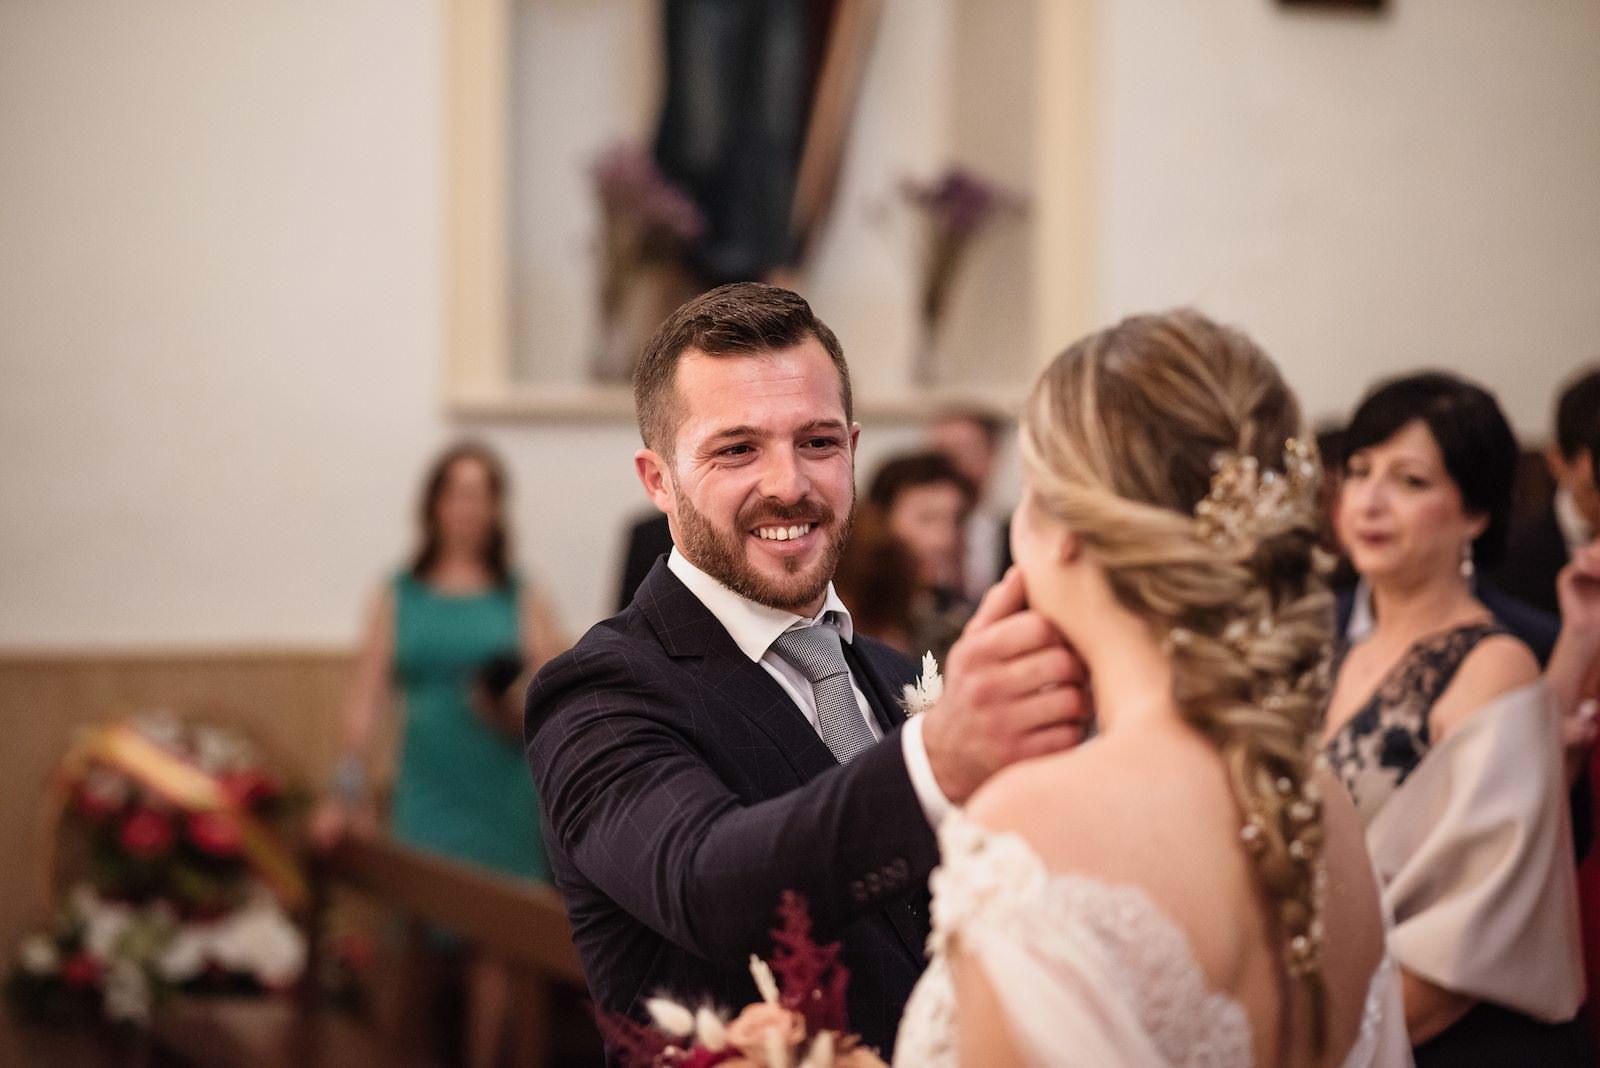 fotografia de boda novios en el altar sonriendose